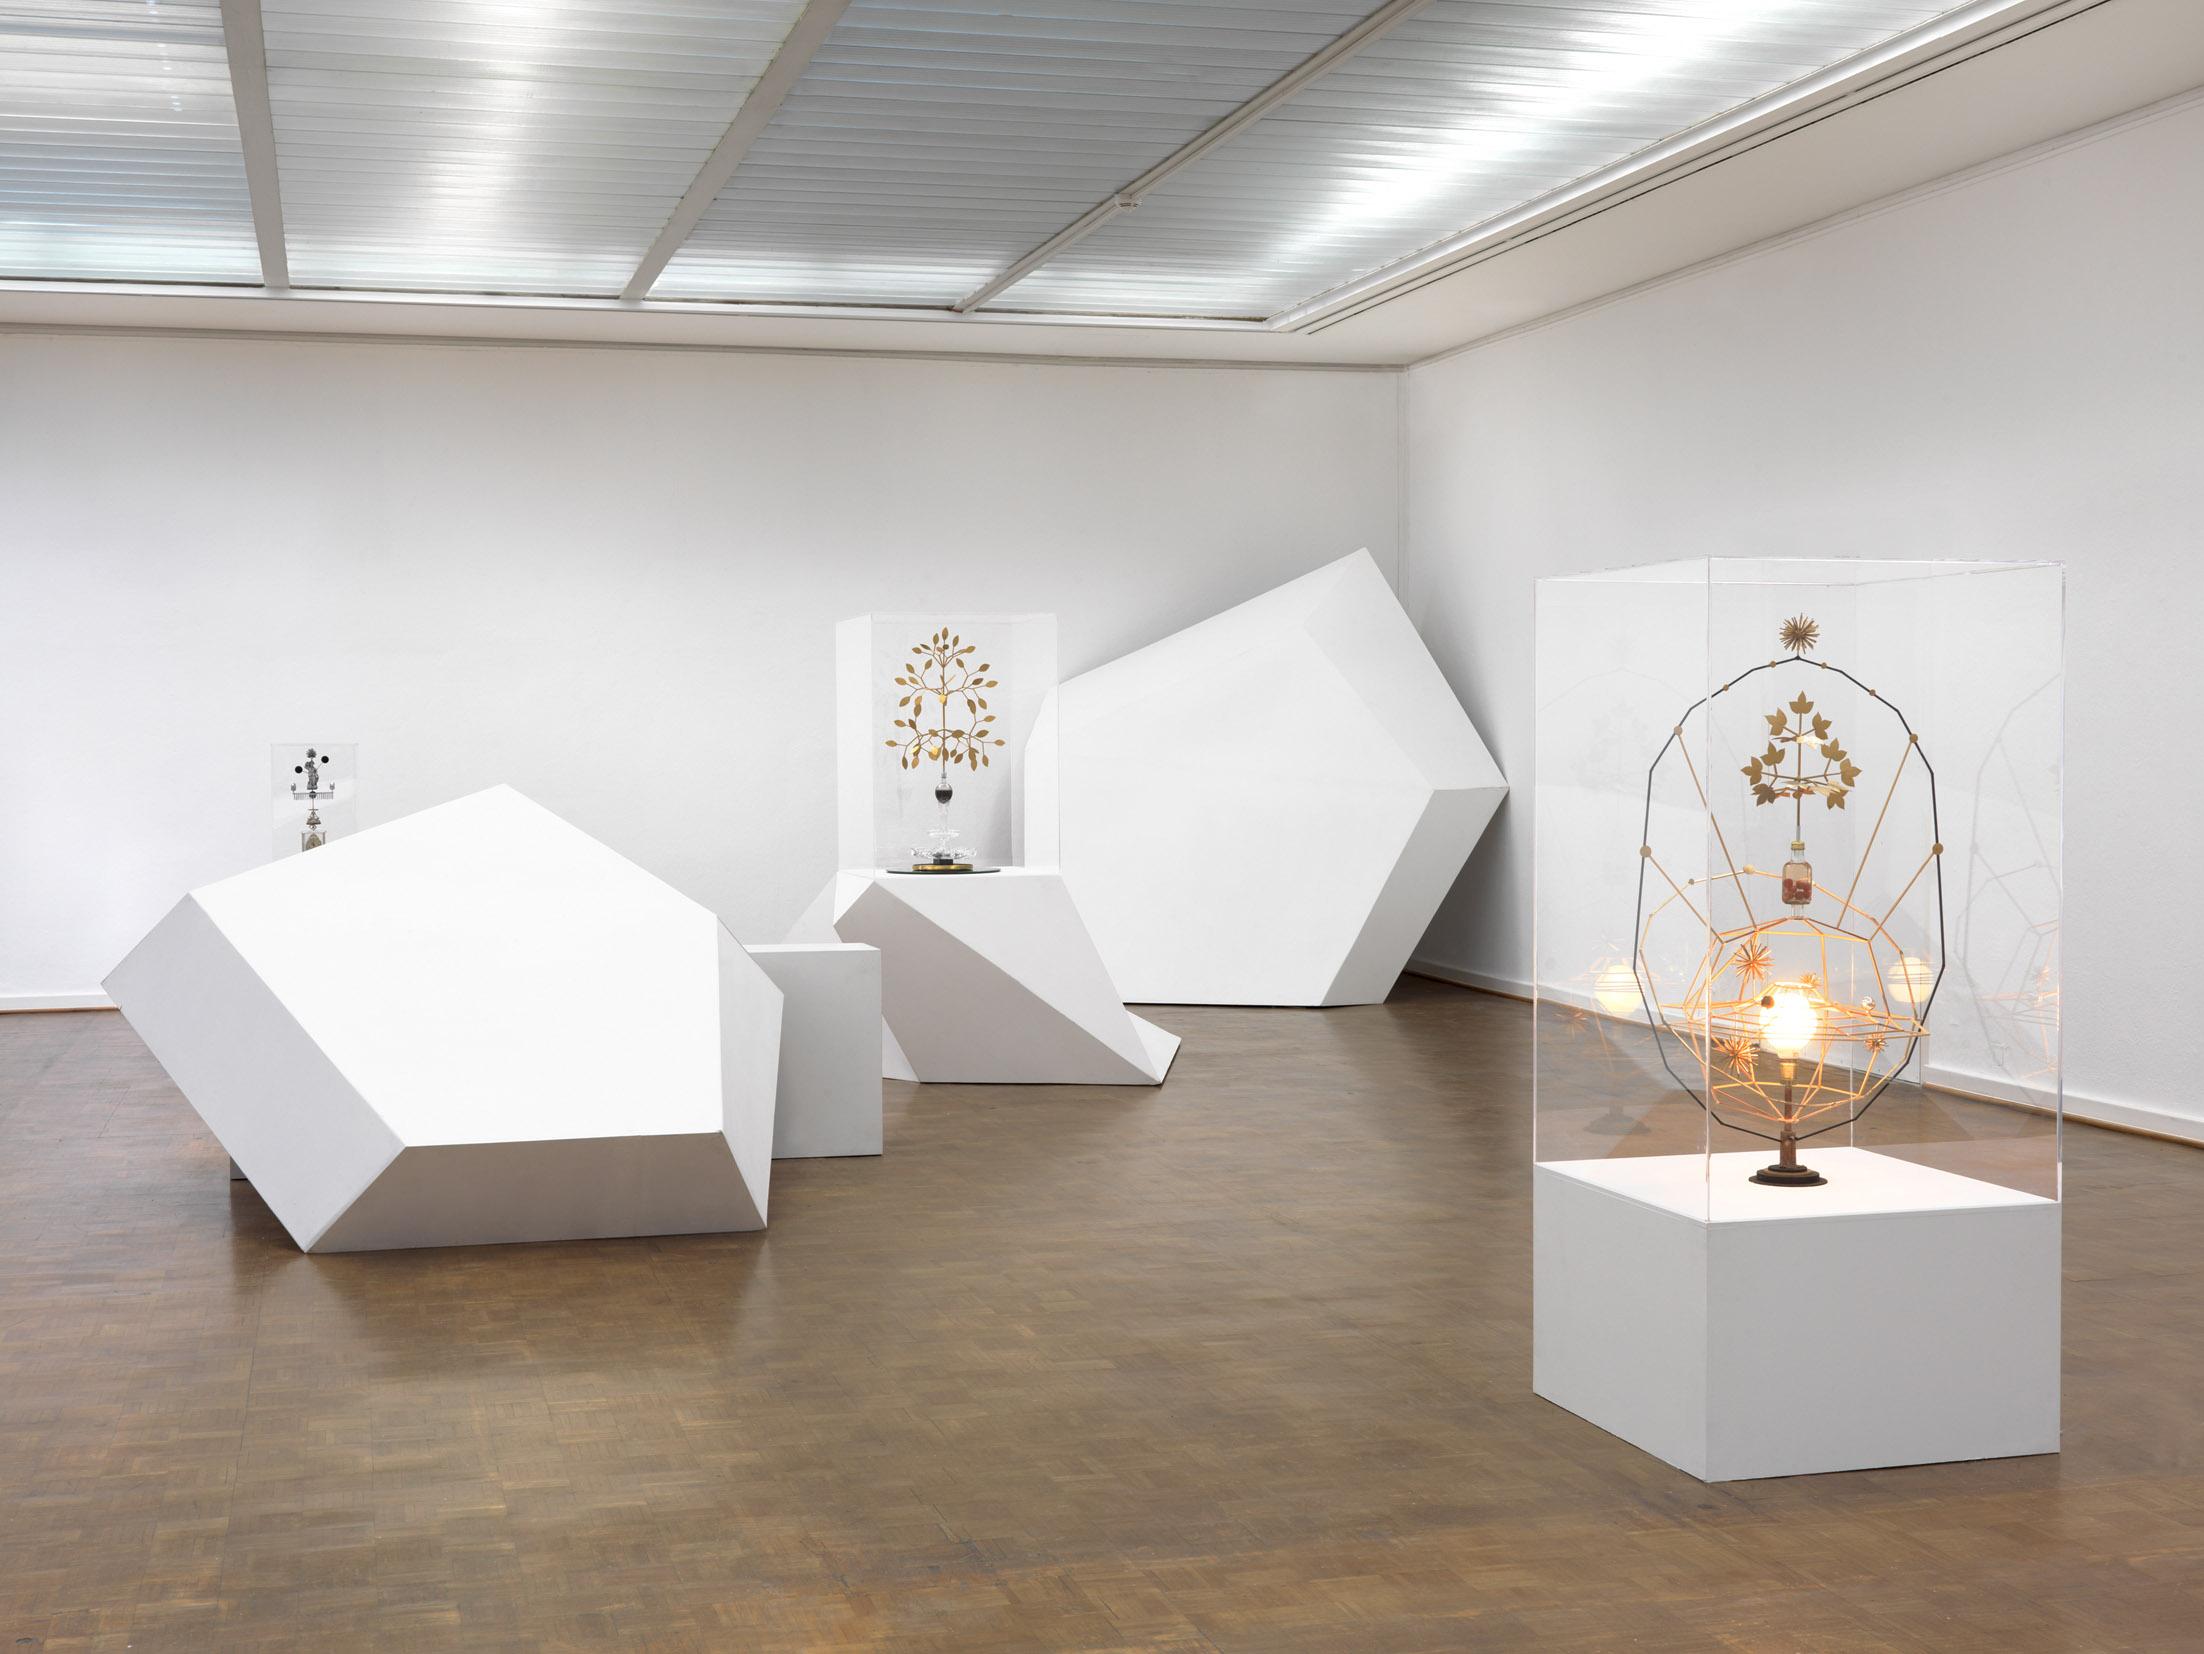 Björn Dahlem, Ausstellungsansicht Kunsthalle Rostock, Foto: Bernd Borchardt